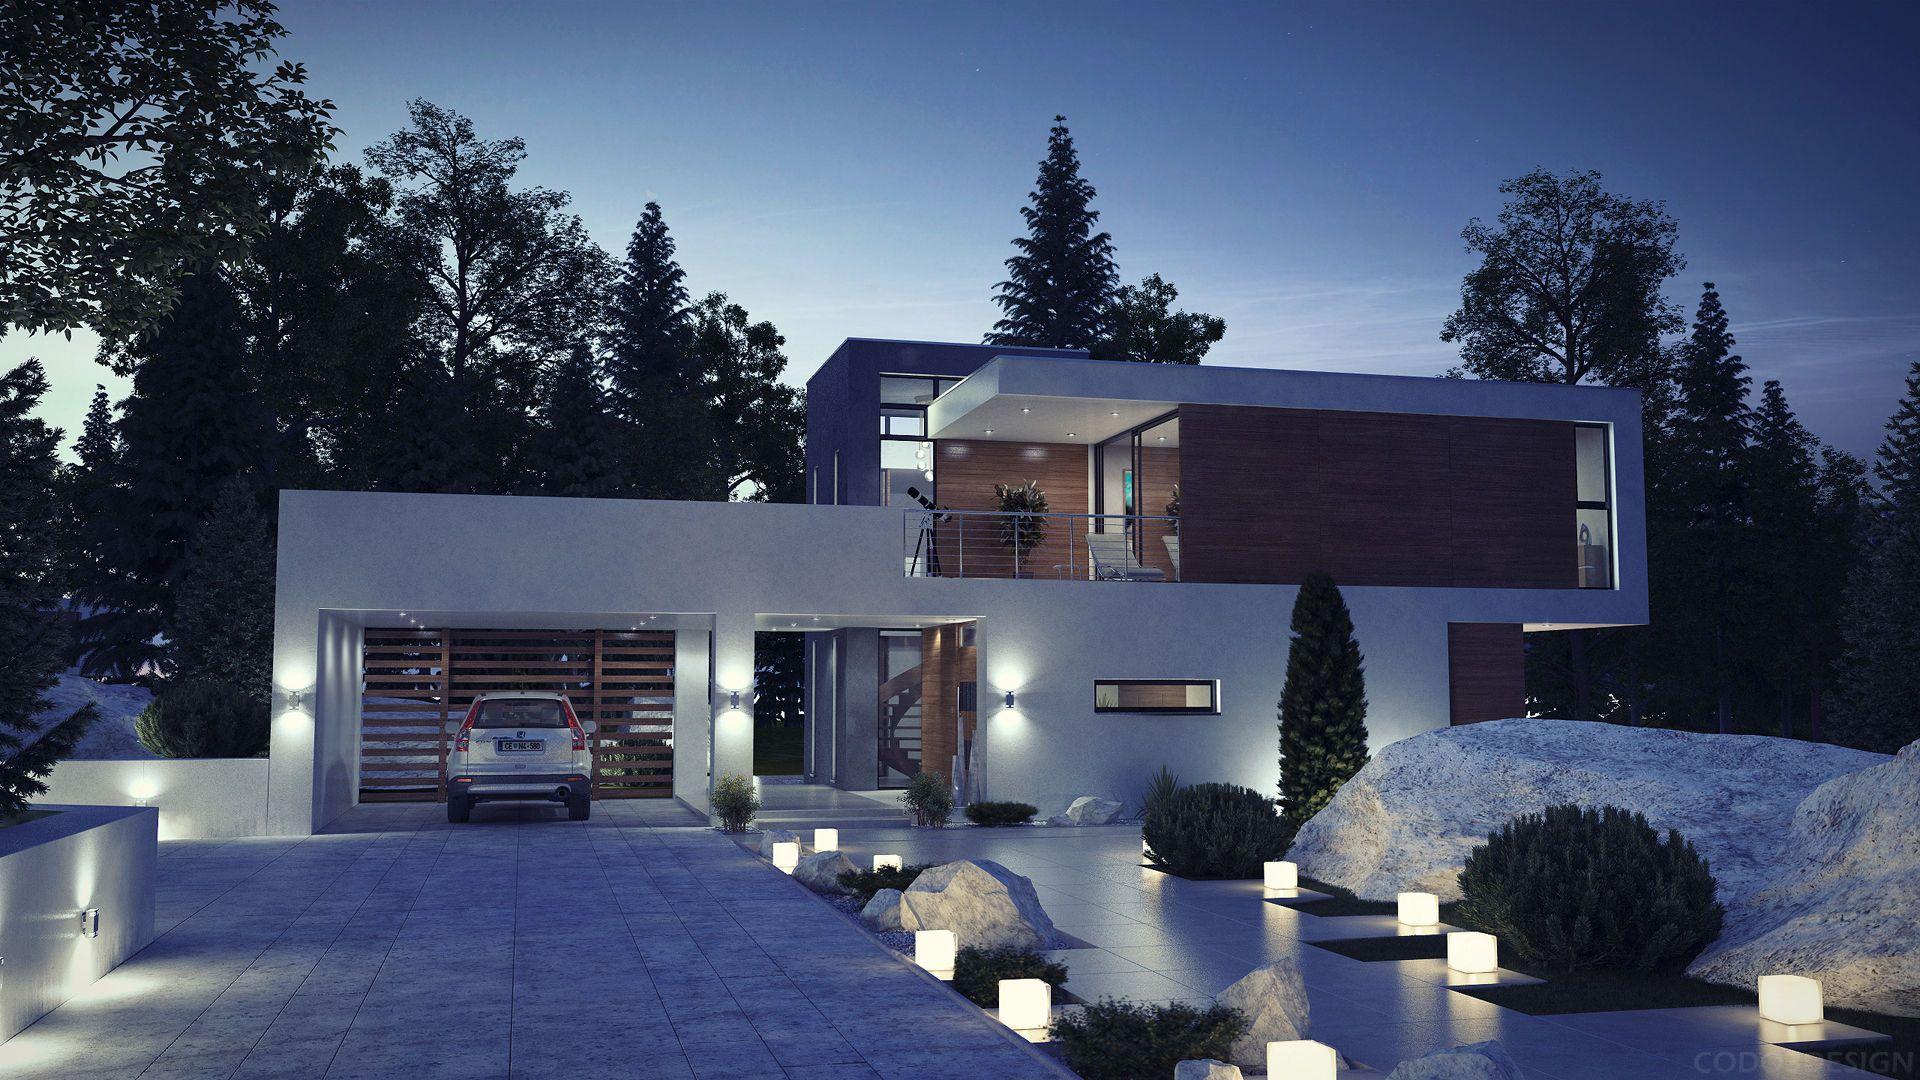 unique modern house images hd 1080p - http://wallawy/unique